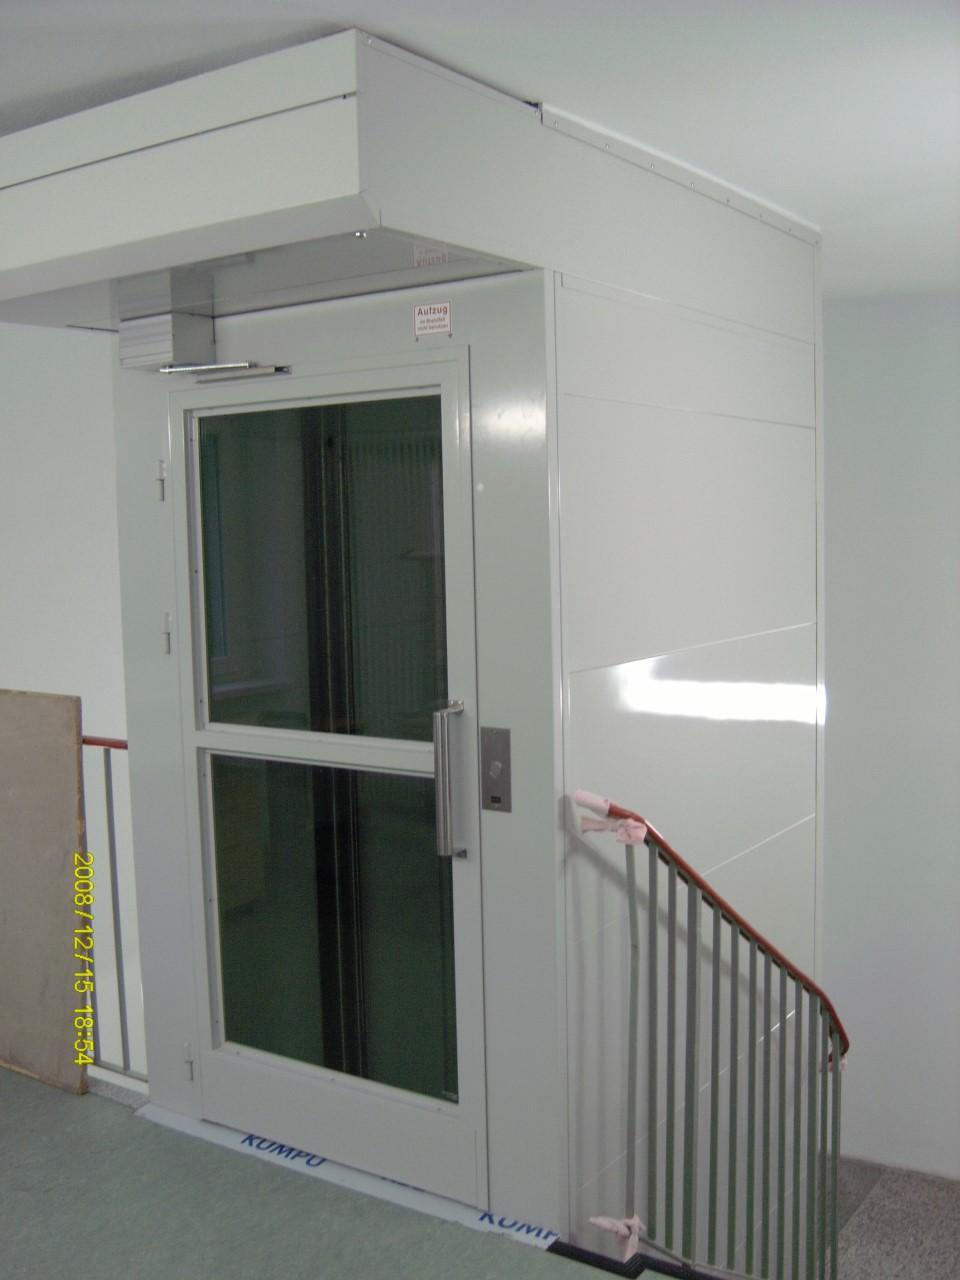 s07 fotogalerie ib architektur bauplanung bauleitung chemnitz sachsen. Black Bedroom Furniture Sets. Home Design Ideas